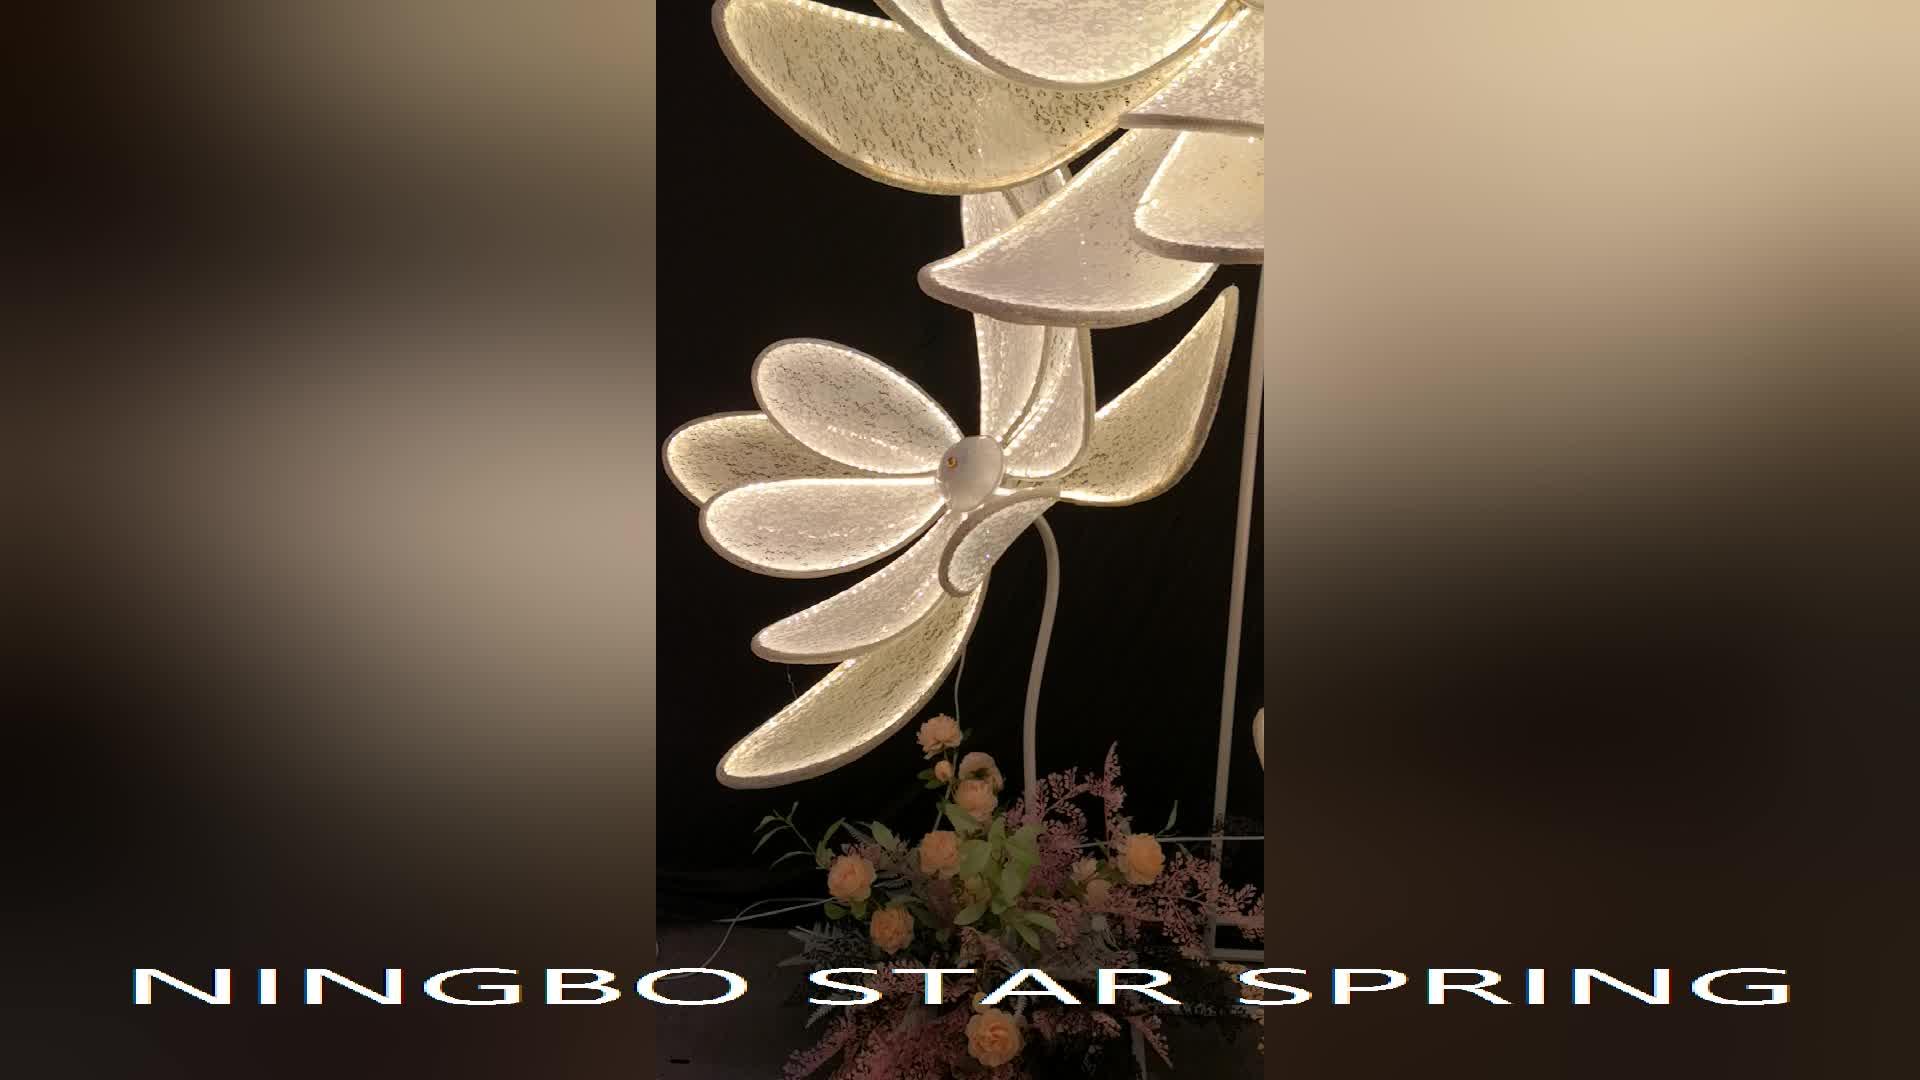 2019 Desain Baru LED Renda Bunga Lampu Jalan Dekorasi Pernikahan Tahap Dekorasi